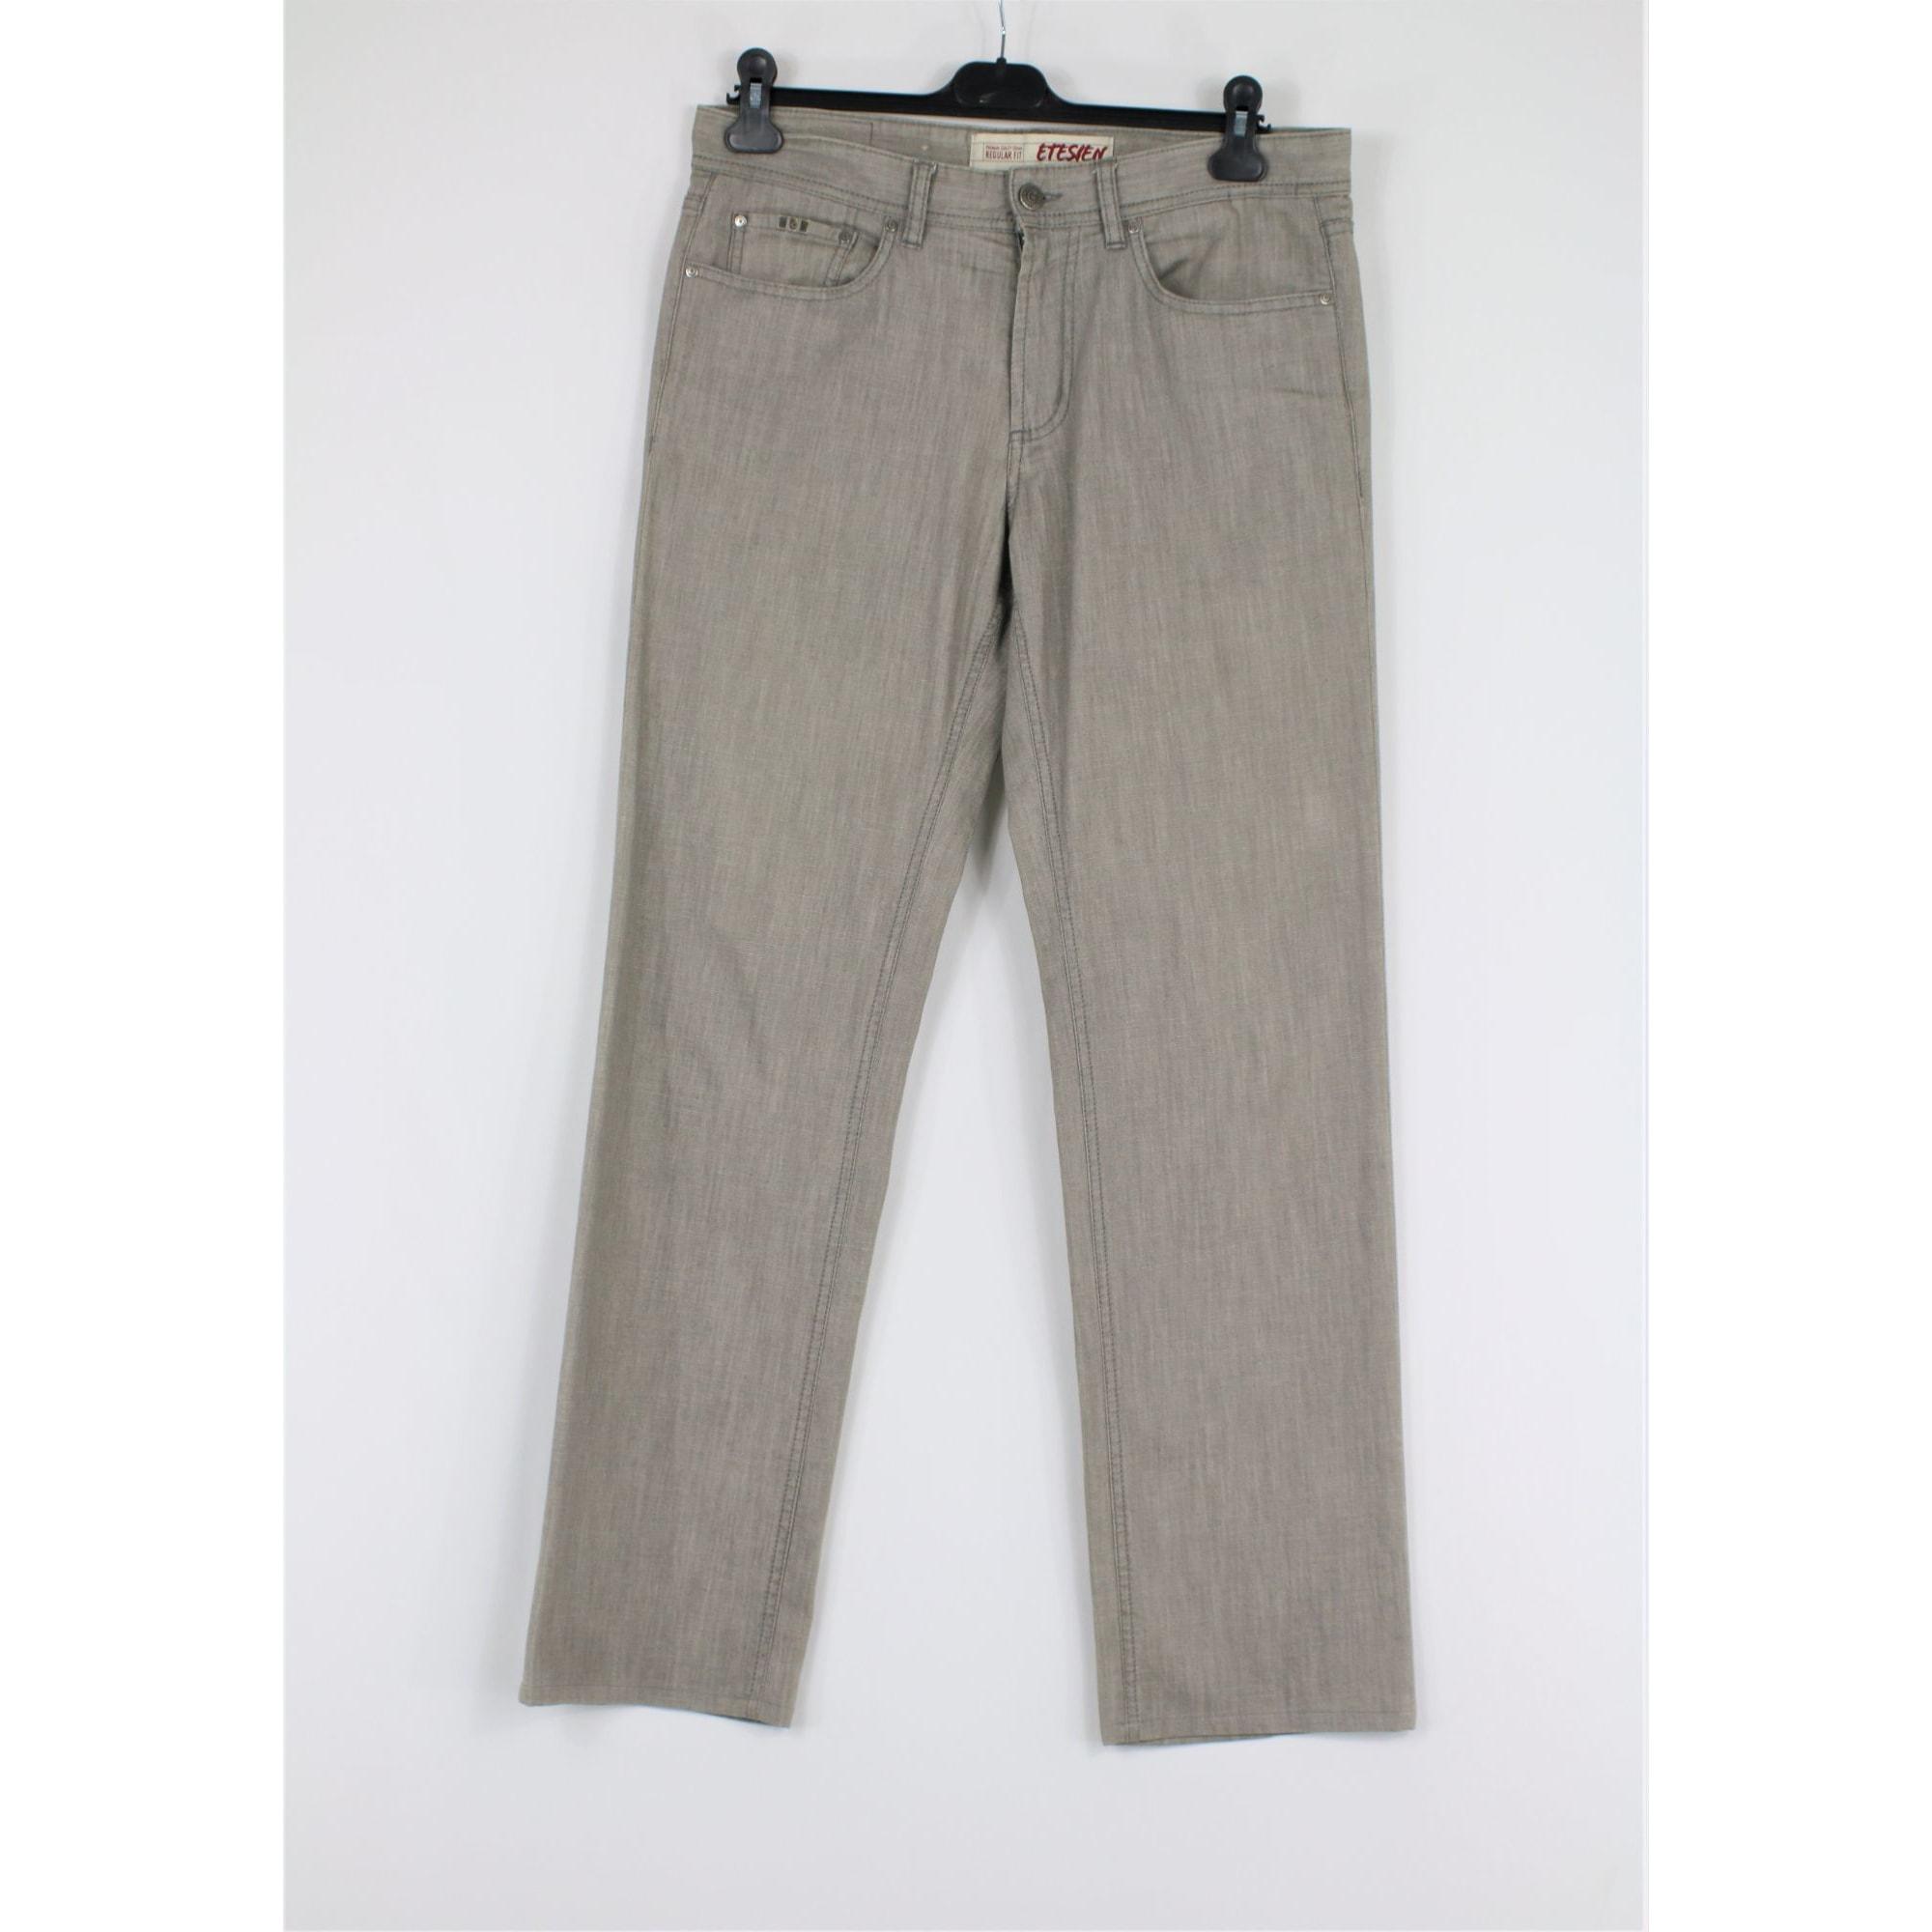 Jeans droit CERRUTI 1881 Gris, anthracite